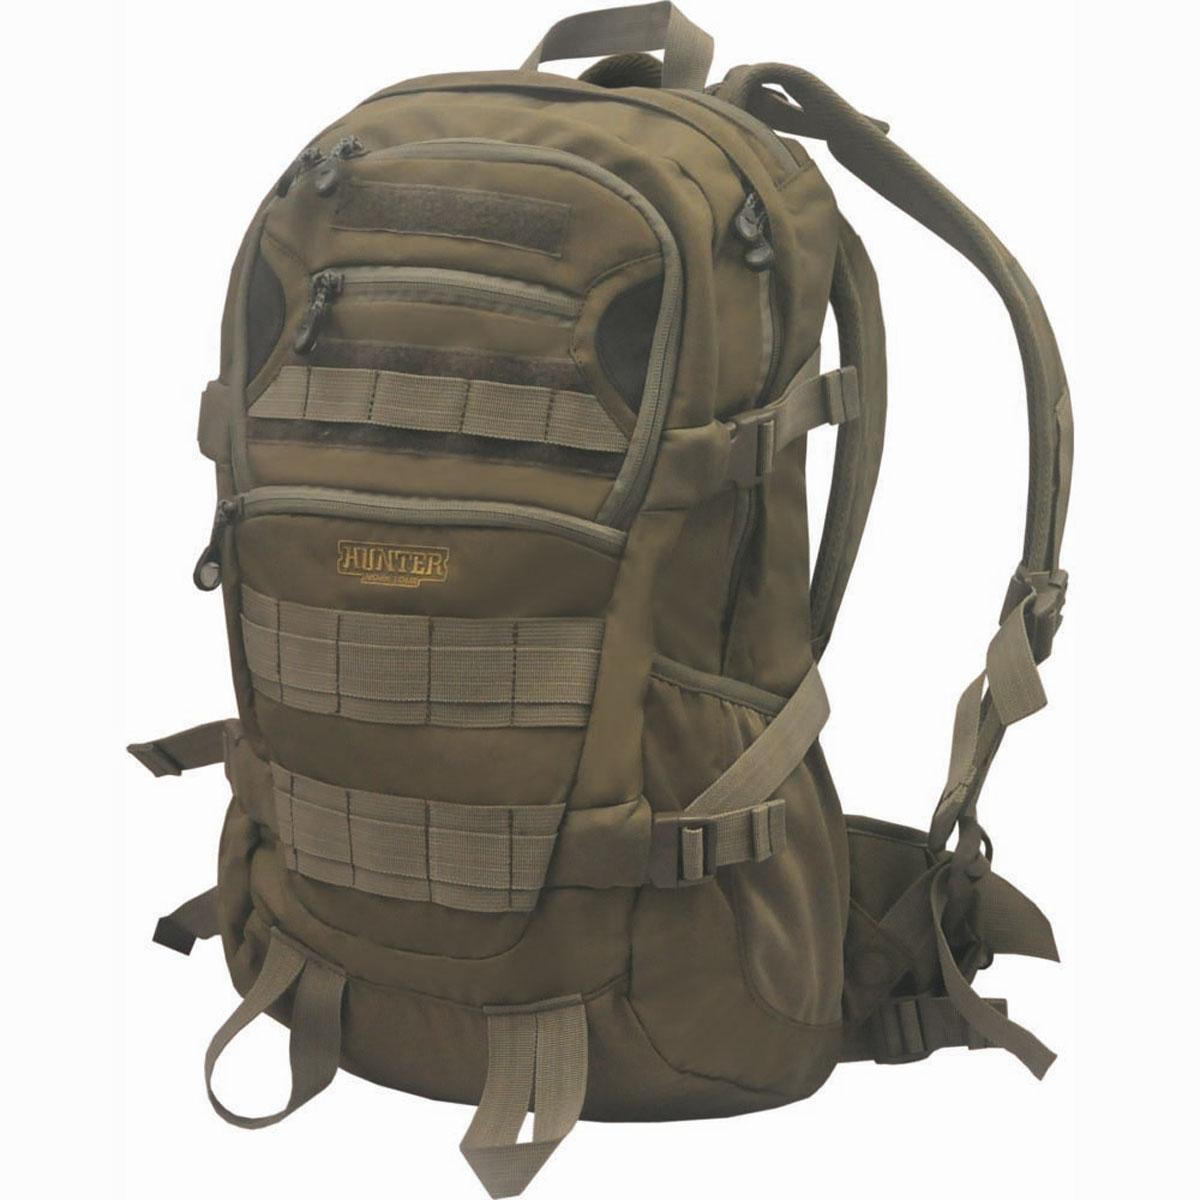 Рюкзак охотничий Hunter Nova Tour Тактика 32, цвет: коричневый. 95126-228-0095126-228-00Тактический рюкзак для пешей охоты. Два больших отделения для снаряжения, множество карманов для всяких мелочей, стропы для внешней навески.Ткань: 600D Polyester.Объем: 32 л